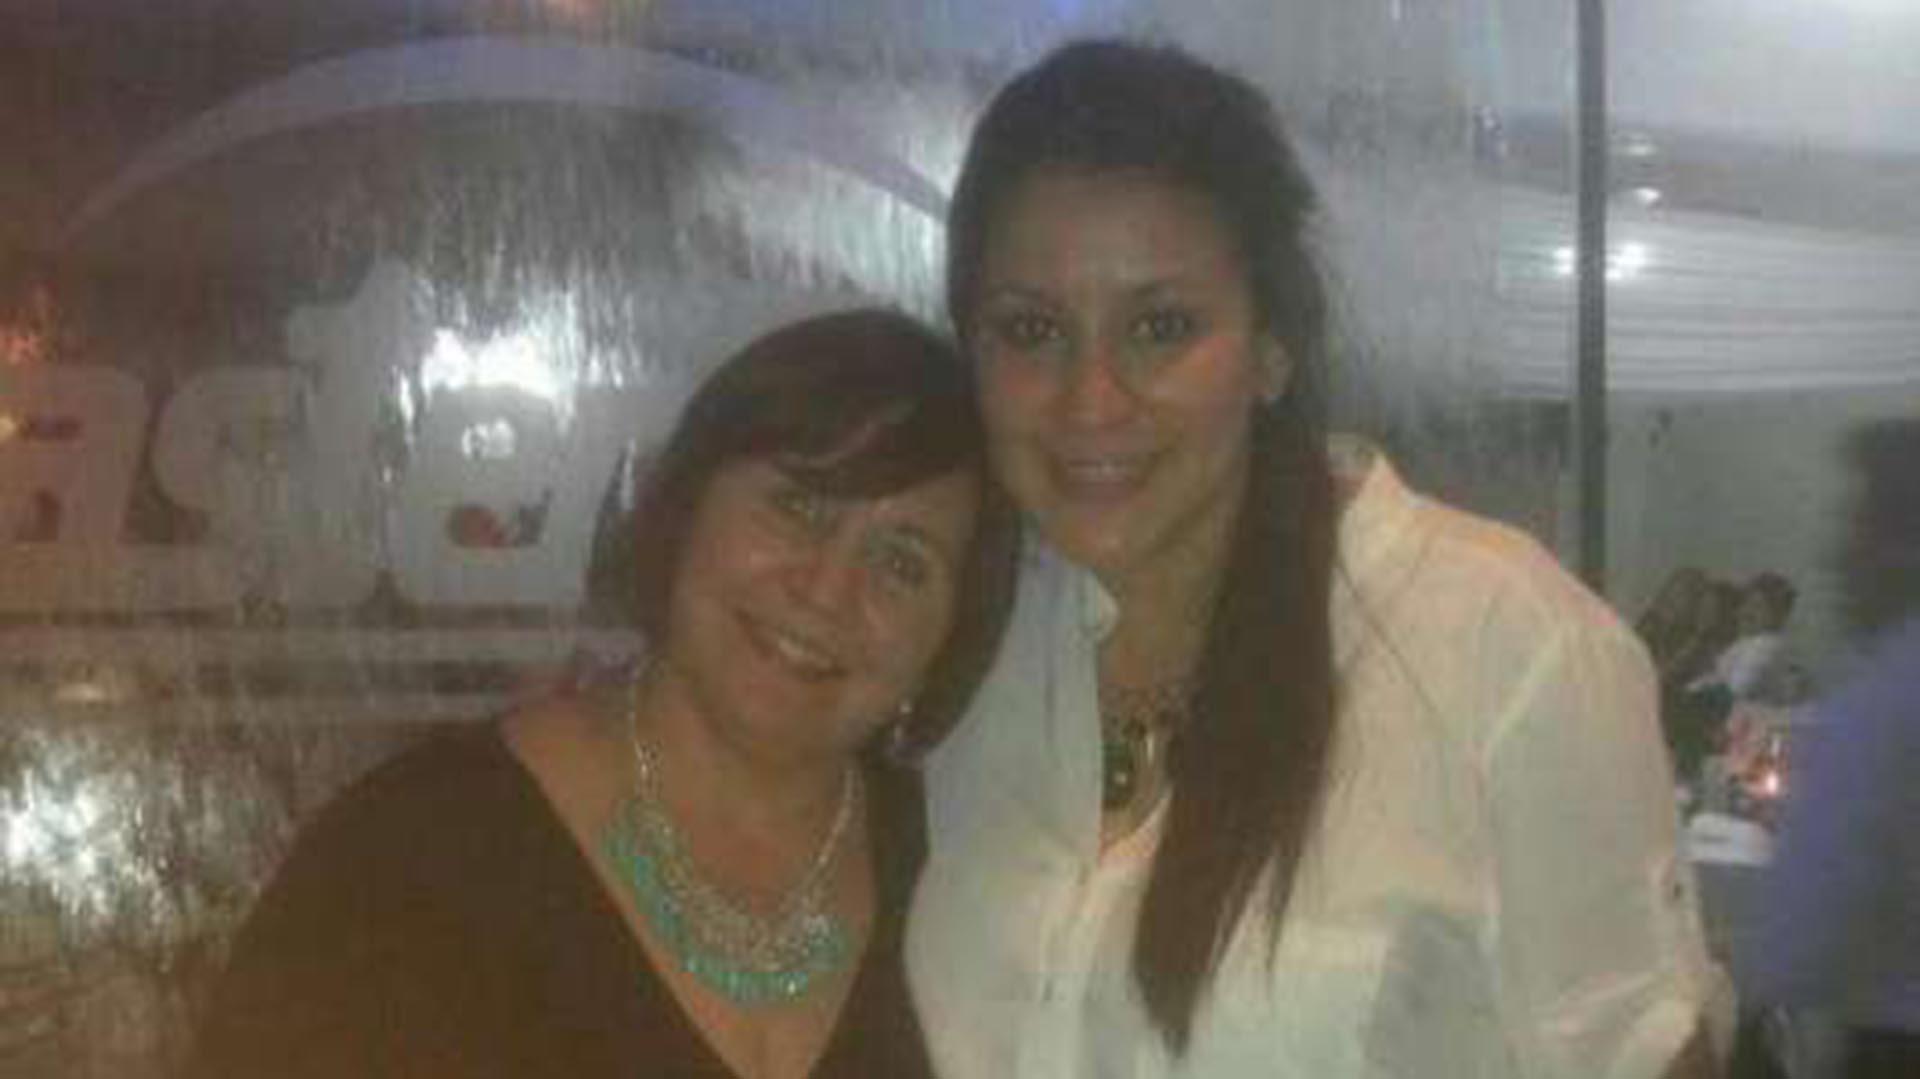 Mónica y Mayra. Fueron asesinadas esta madrugada en Guaymallén.